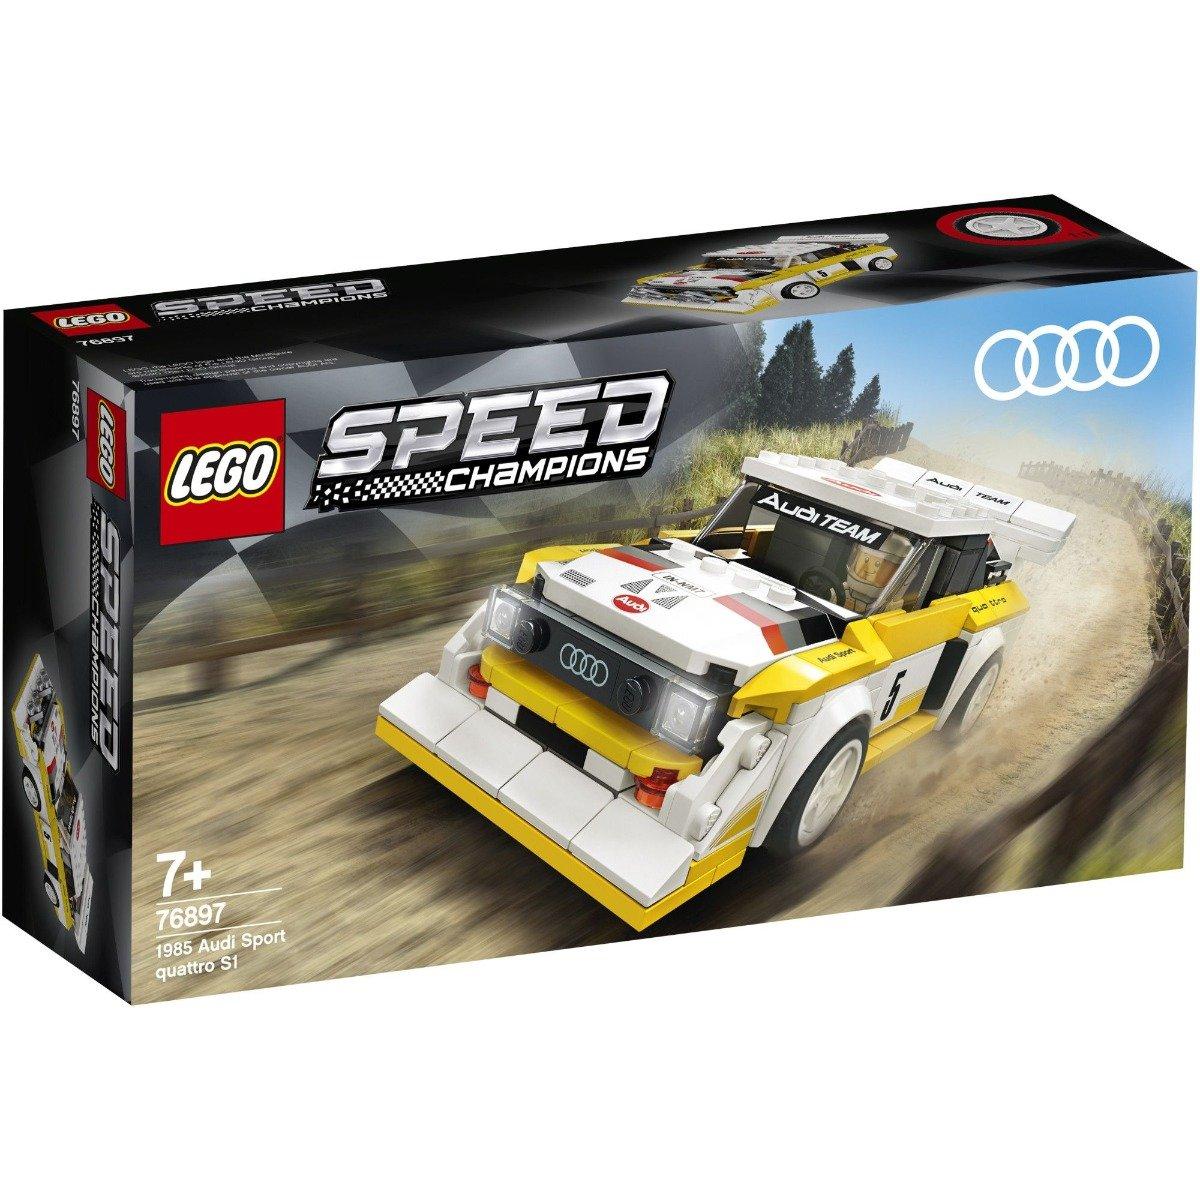 LEGO® Speed Champions - Audi Sport Quattro S1 (76897)